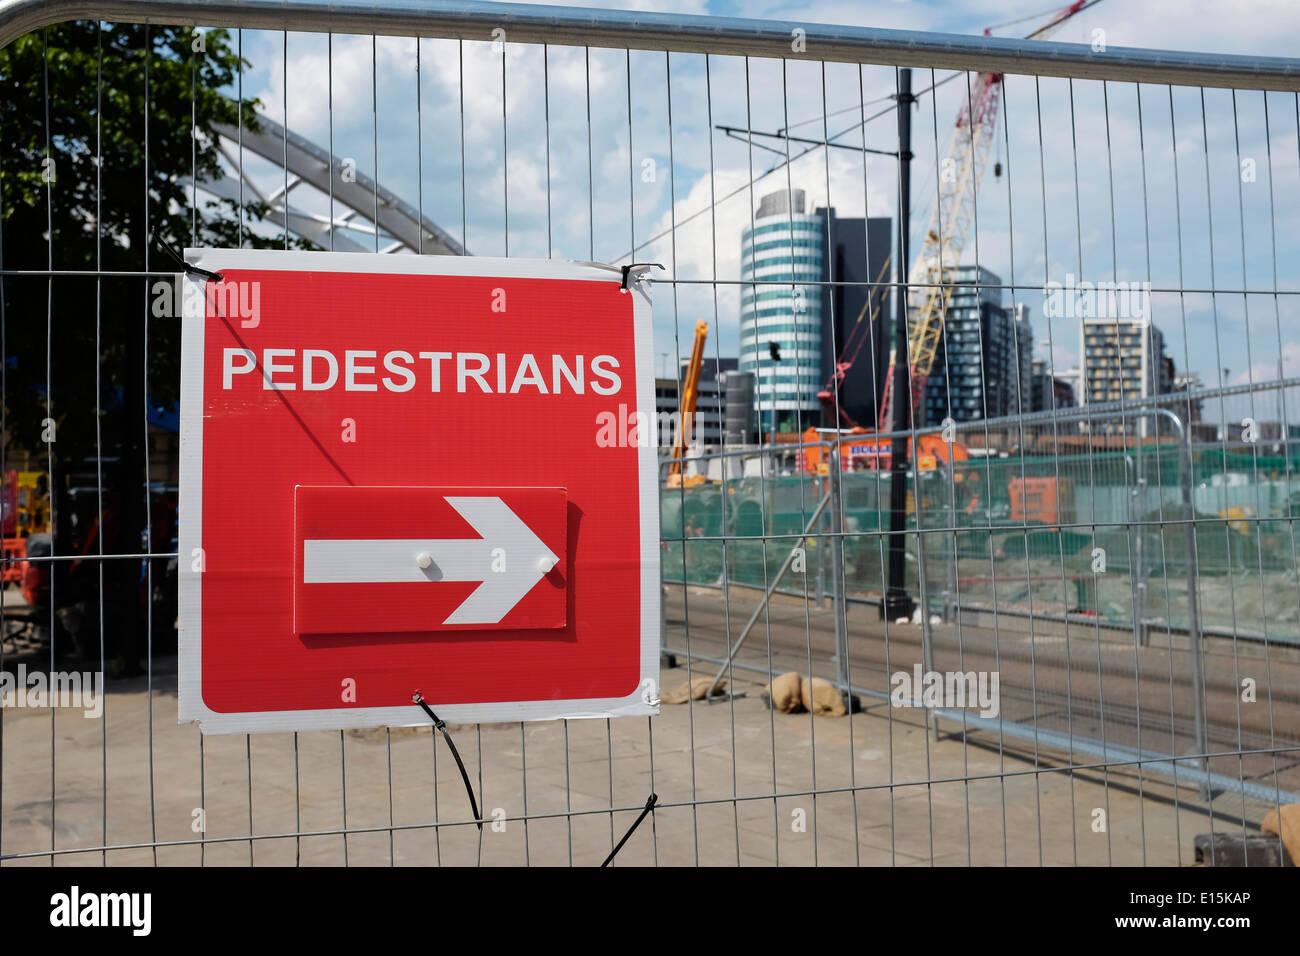 Inscrivez-piétons et heras une clôture autour de travaux publics dans le centre-ville de Manchester UK Photo Stock